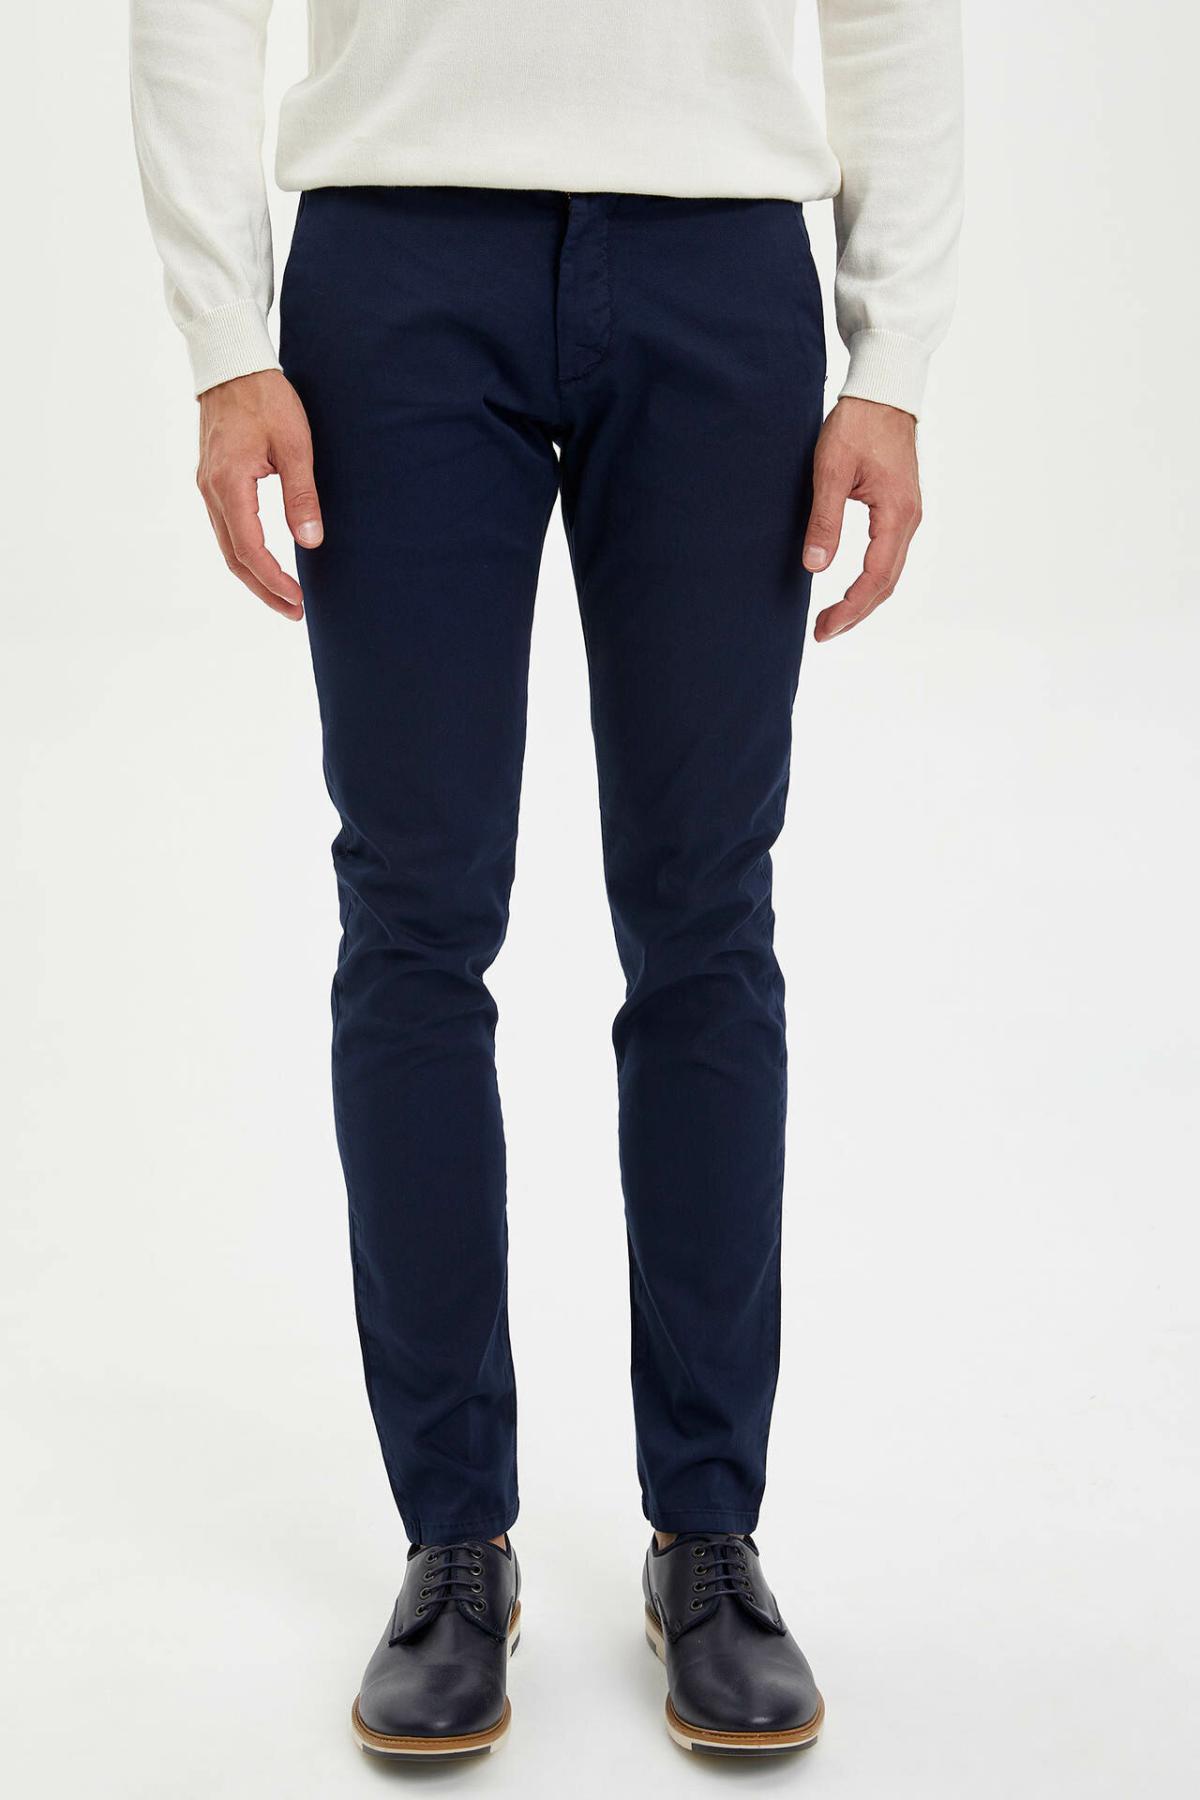 DeFacto Man Casual Long Trousers Solid Black Kahki Color Slim Pencil Pants Men Bottoms Pant -M4485AZ19AU